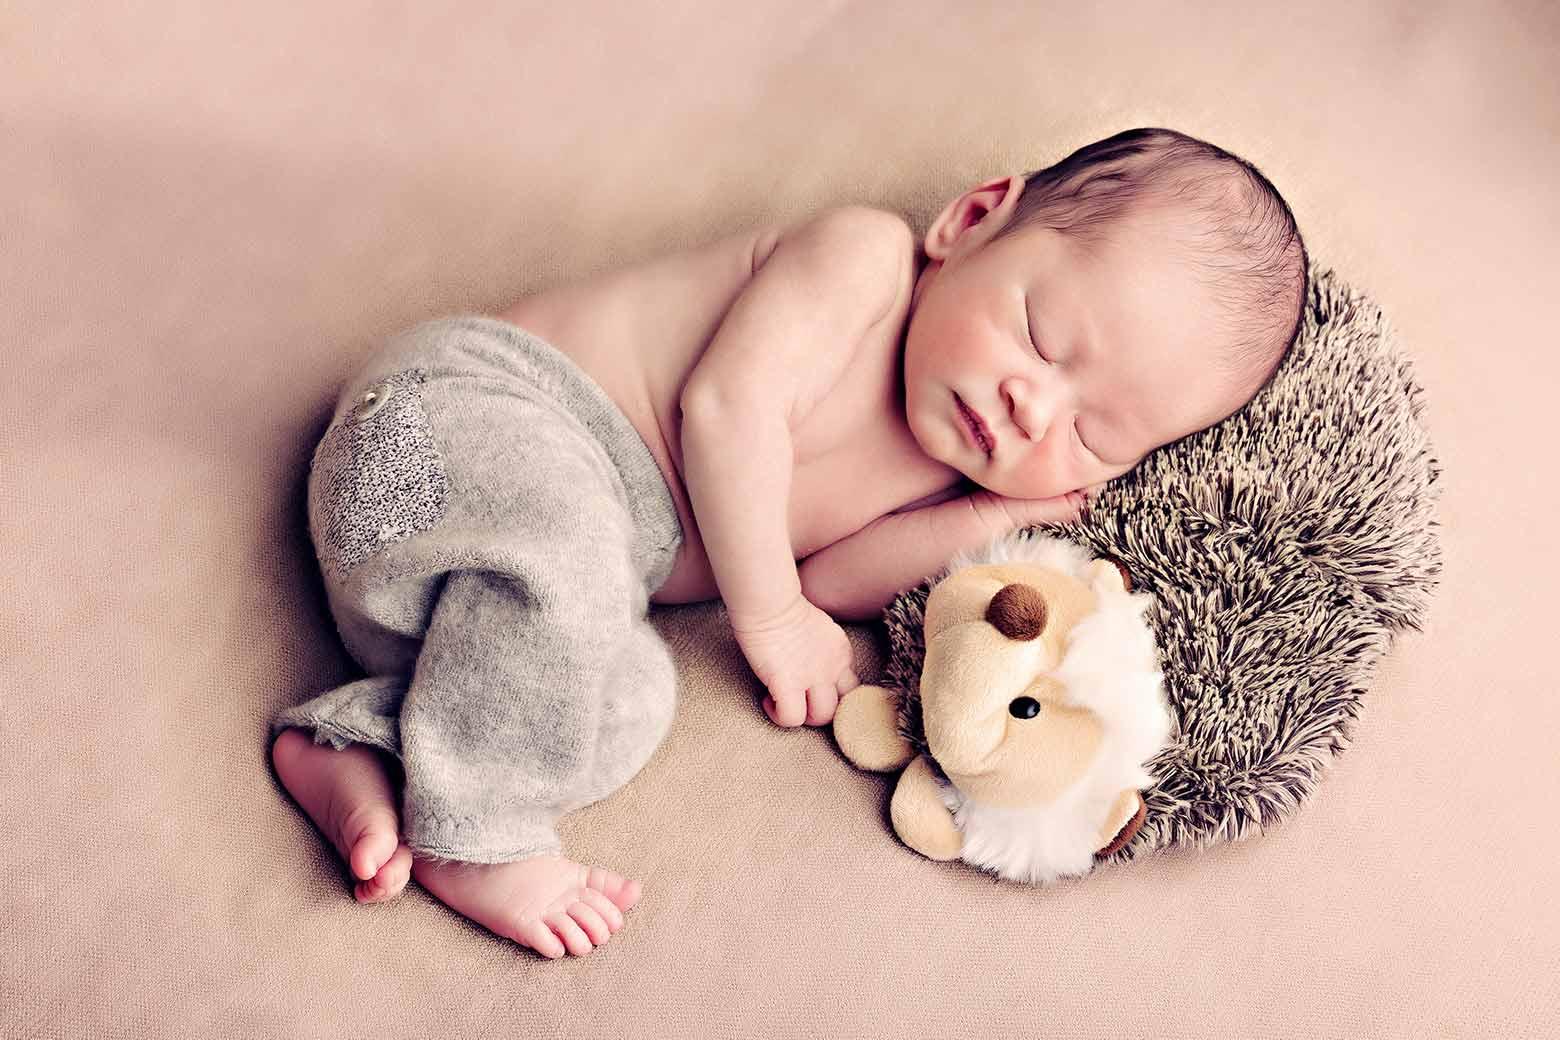 Neugeborenes zusammen mit seinem Spielzeug schlafen Babyfotos